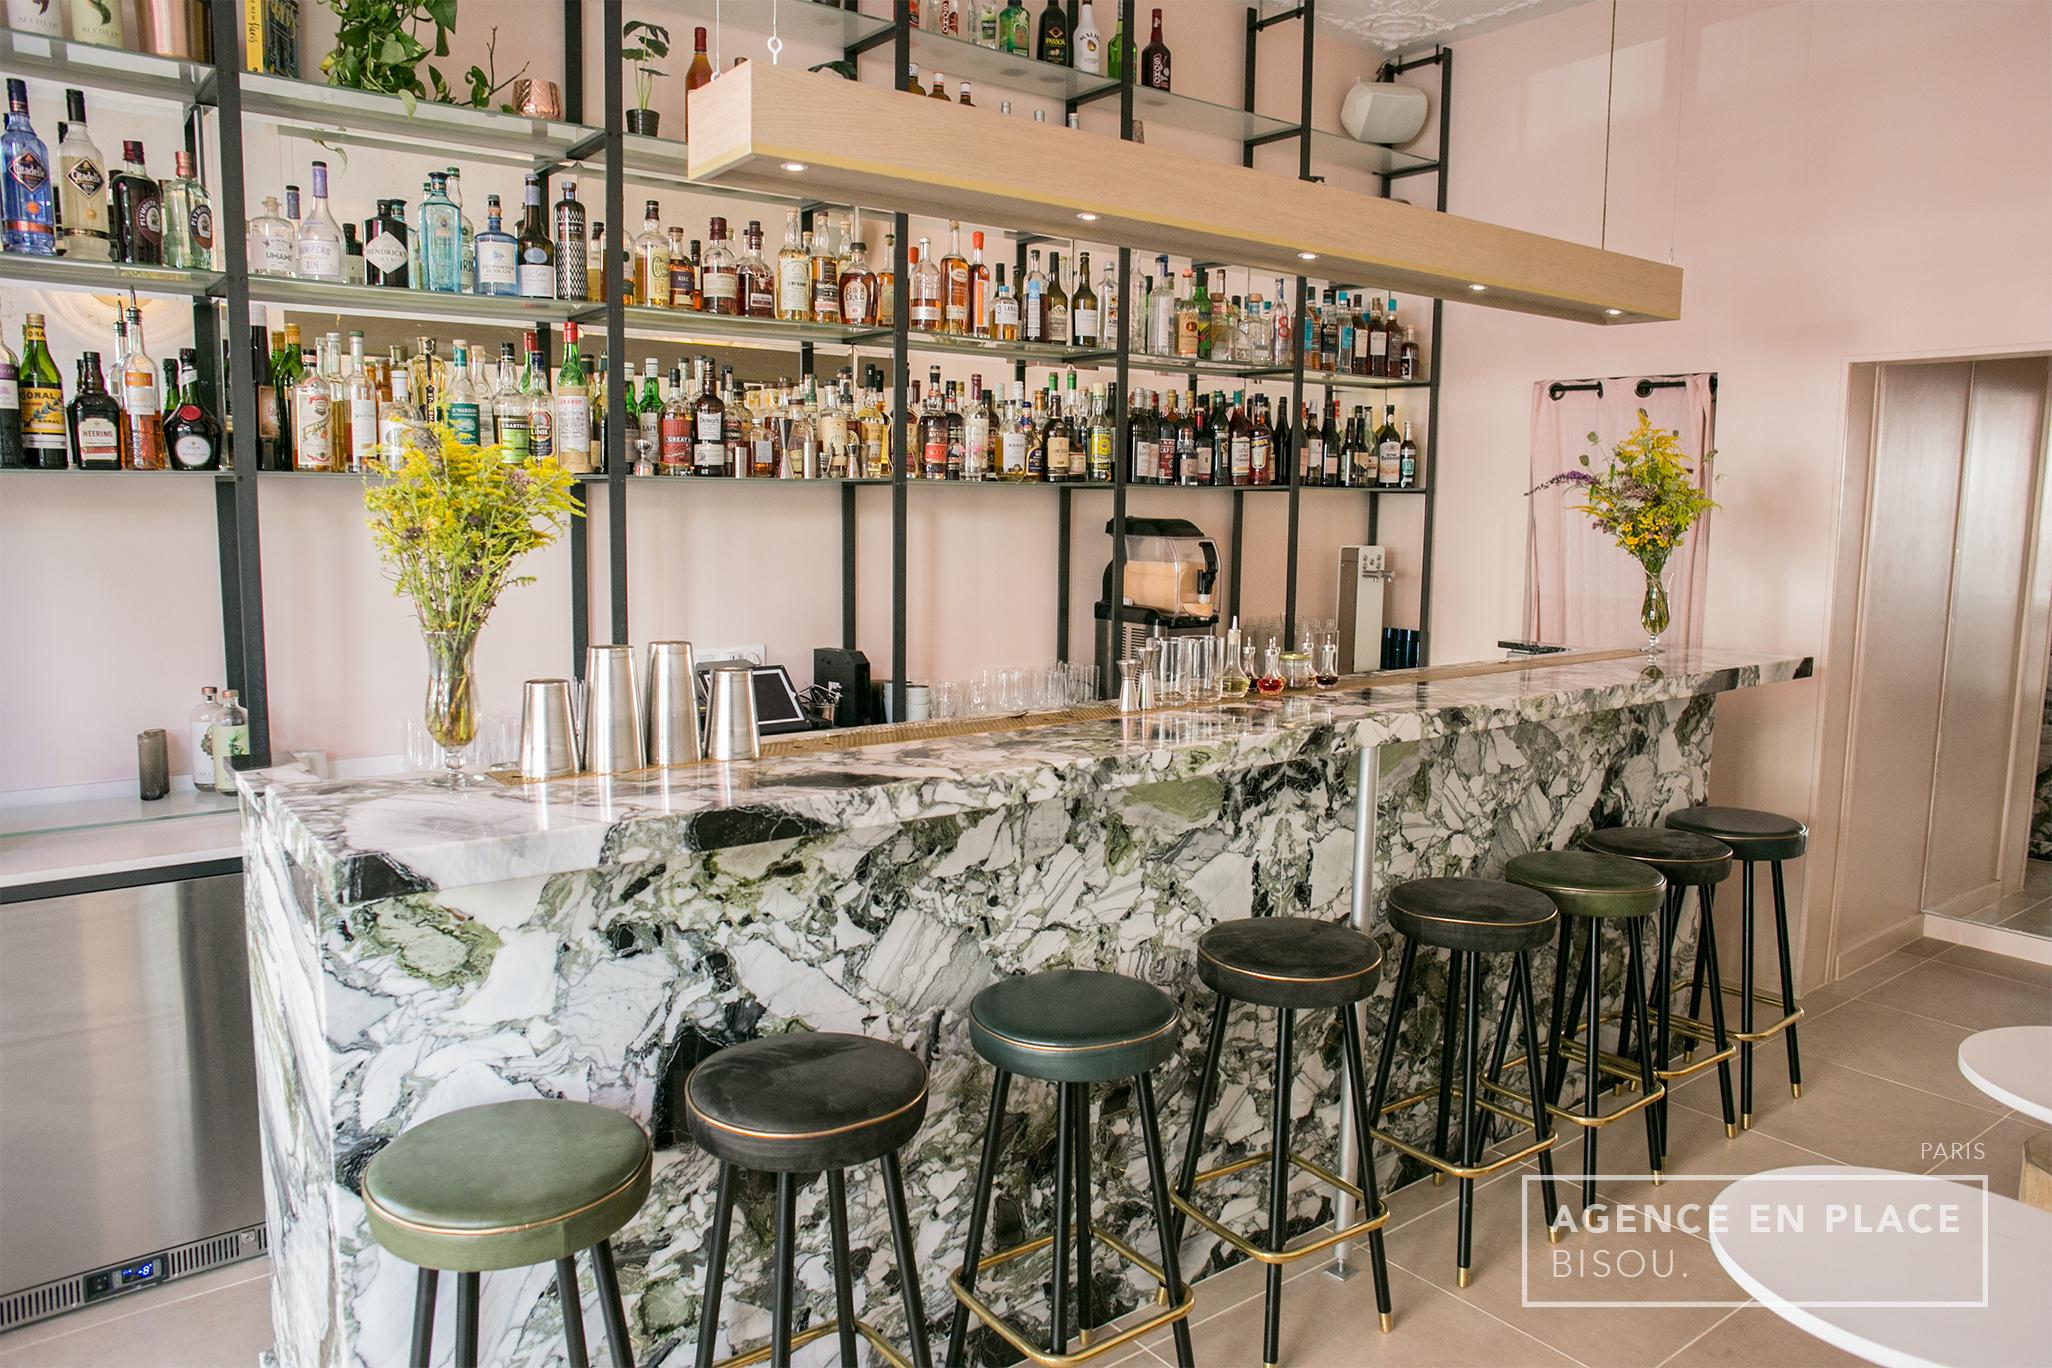 Bisou. cocktails bar - Agence En Place